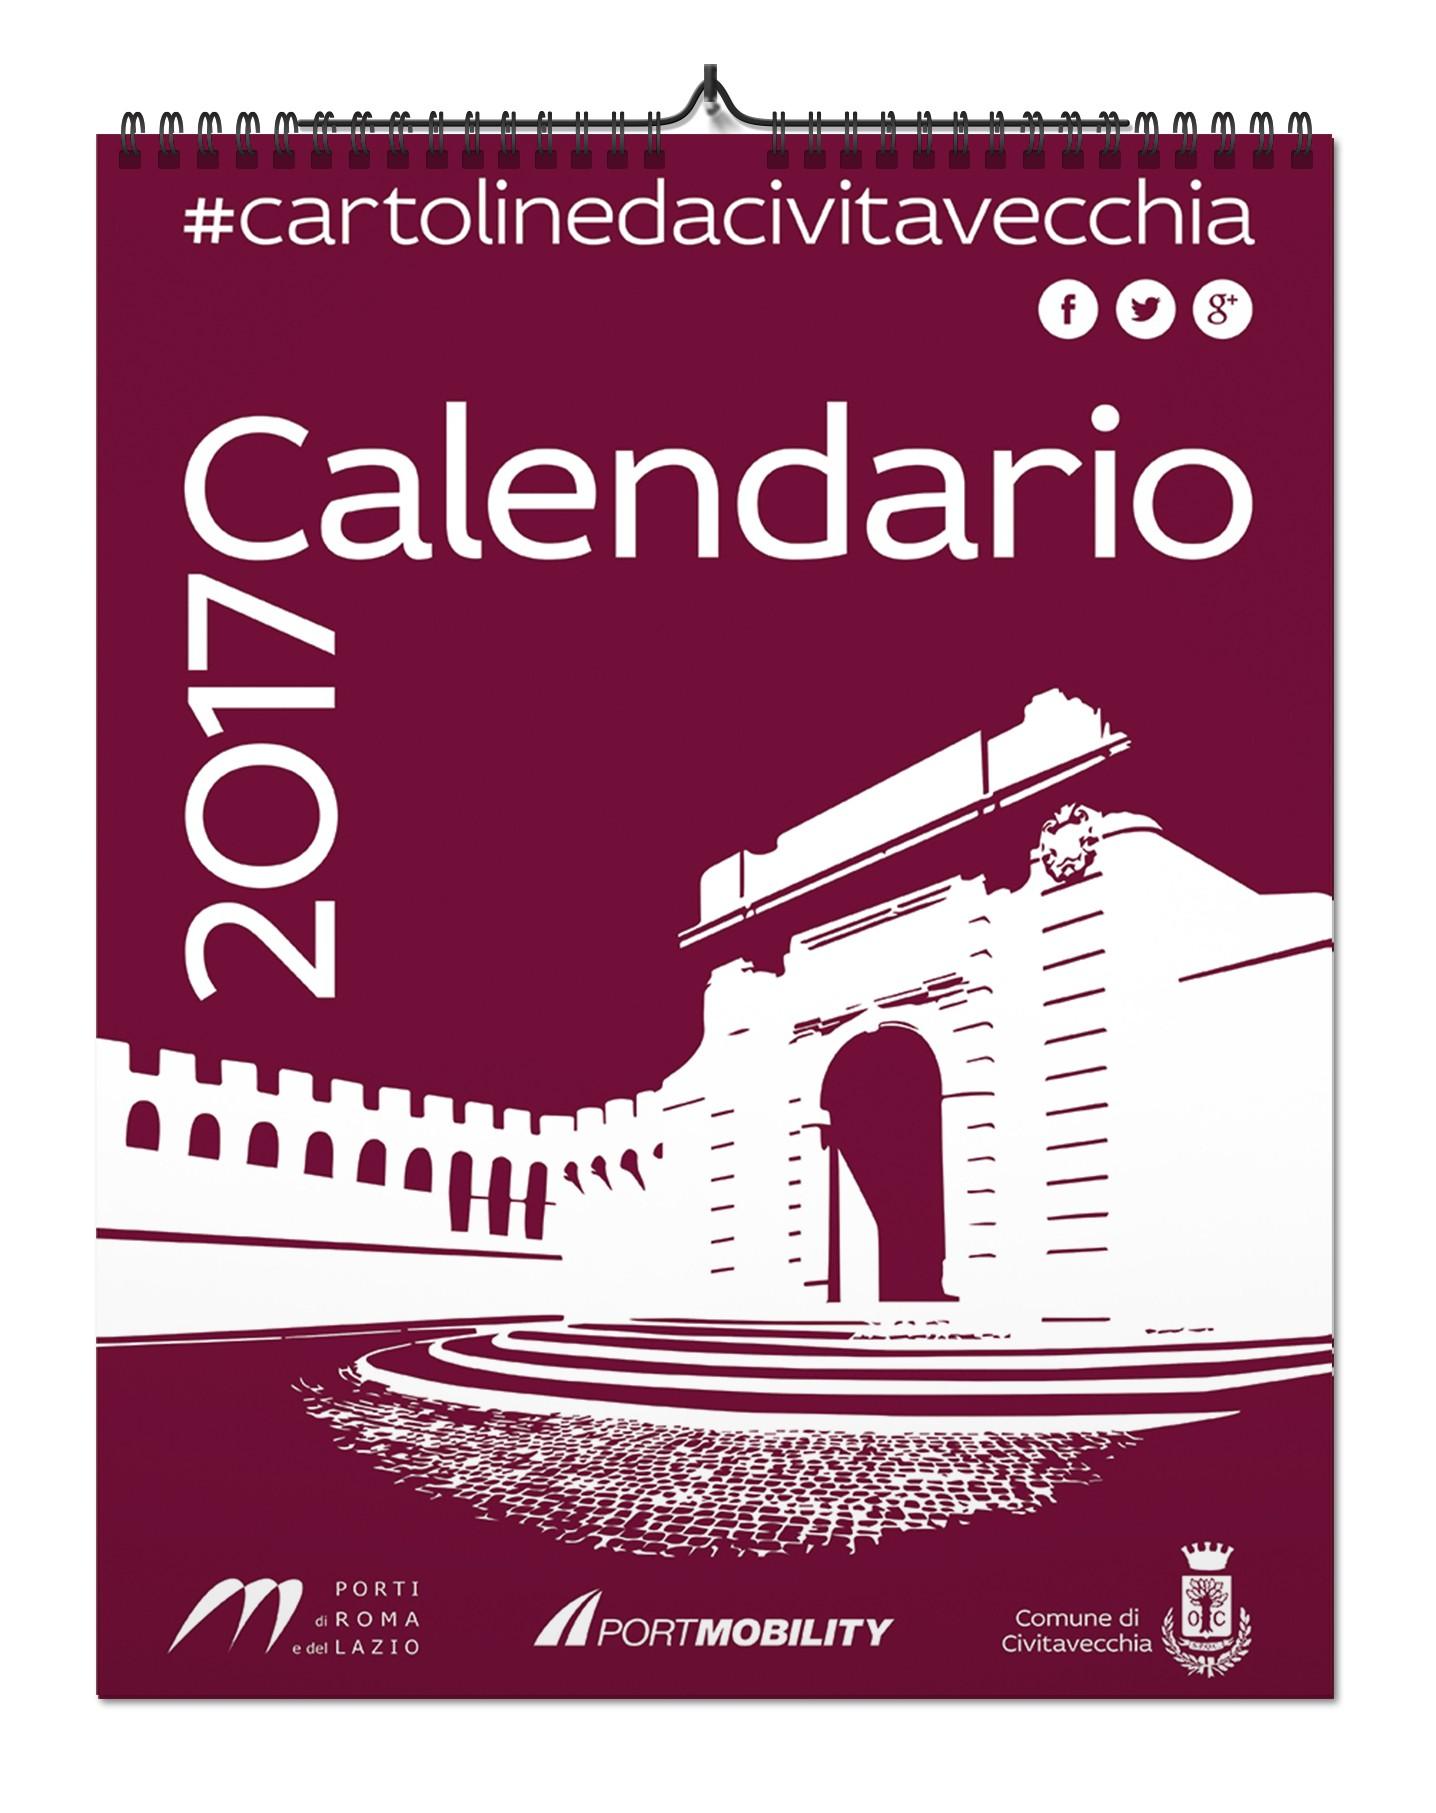 La copertina del Calendario 2017 di Cartoline Da Civitavecchia